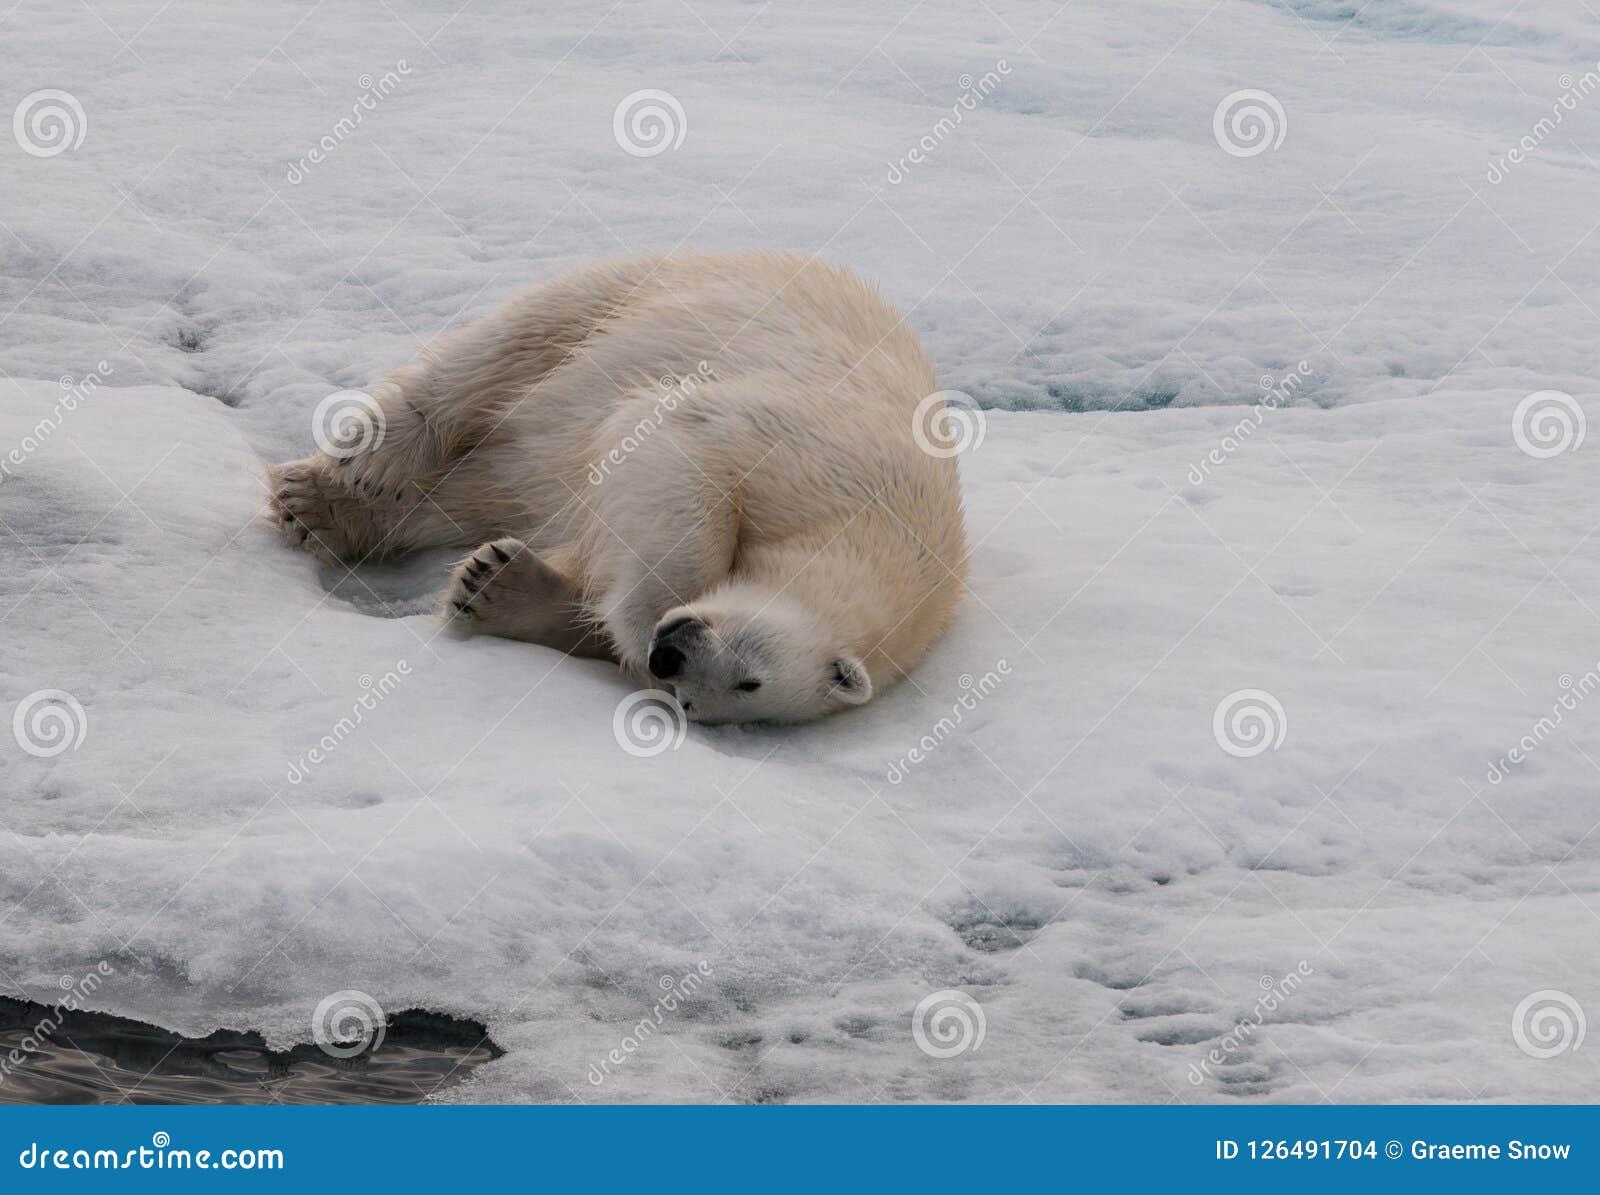 Adult Polar Bear rolling on sea-ice, Svalbard